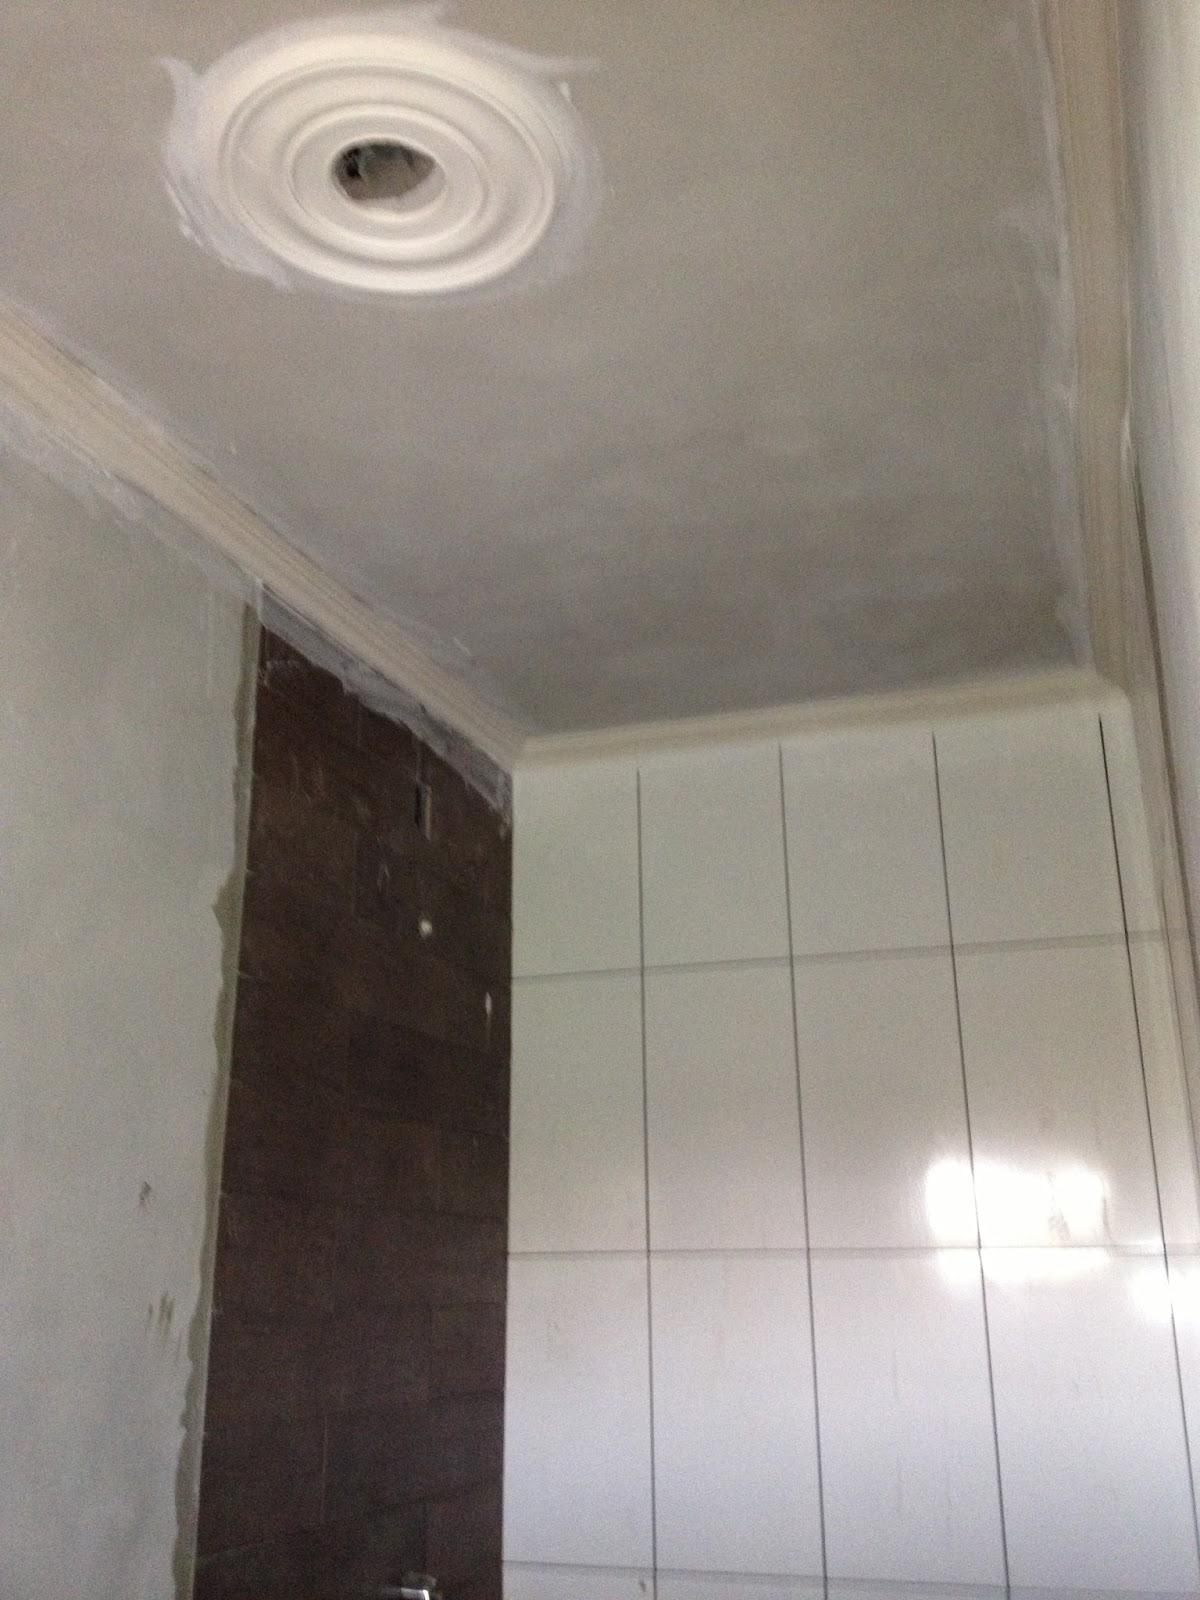 #332826 simplesmente PERFEITO esse detalhe de porcelanato que imita madeira  1200x1600 px Banheiro Detalhe Porcelanato Madeira 3375